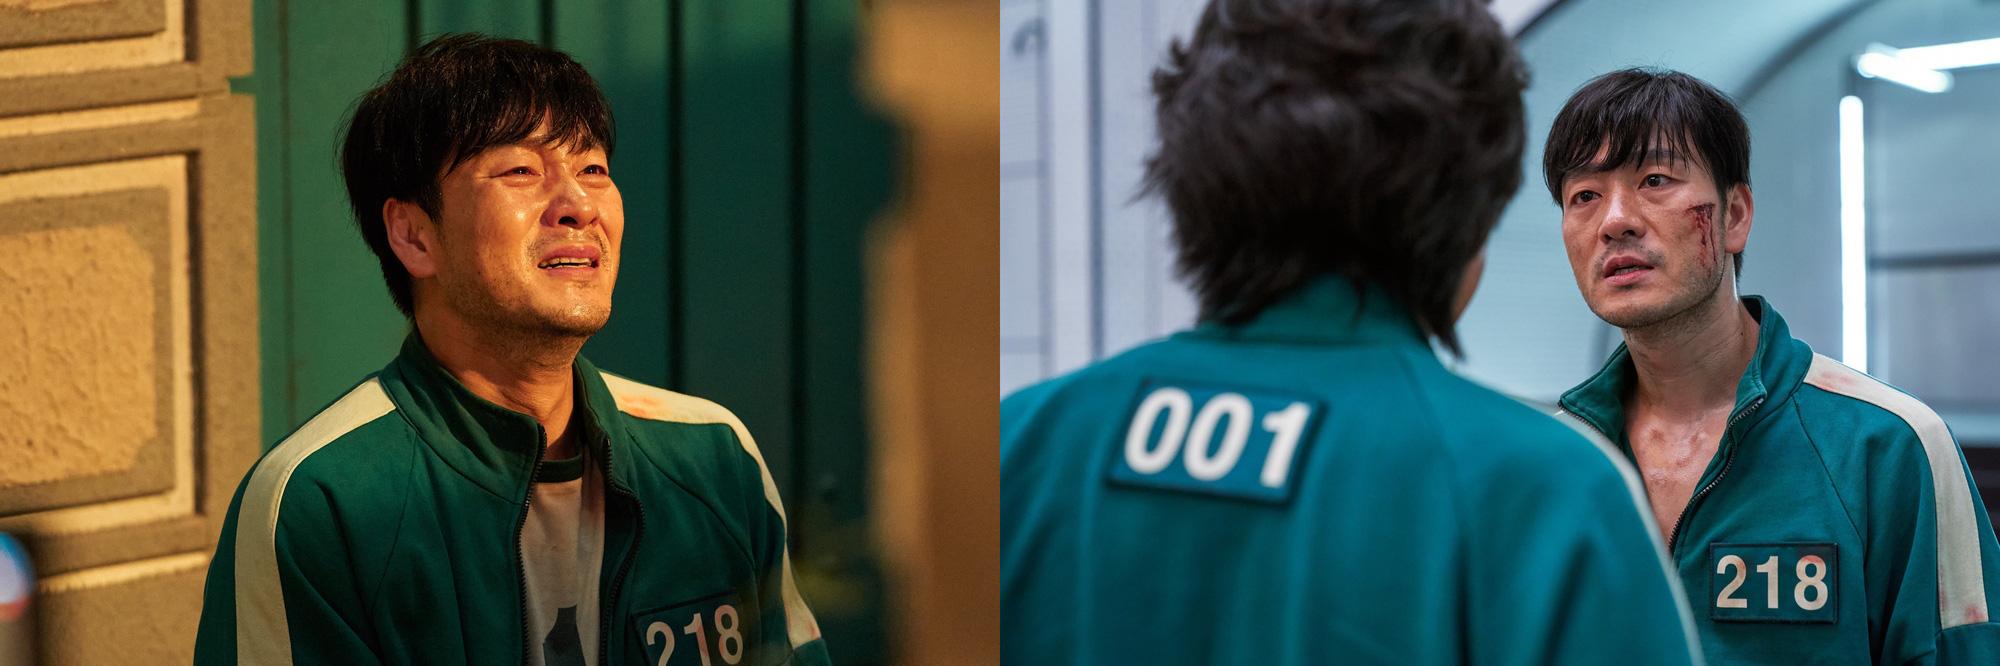 Lee Jung Jae: 'Tôi sợ hãi khi phải quay cảnh giết chóc kinh hoàng' - Ảnh 4.